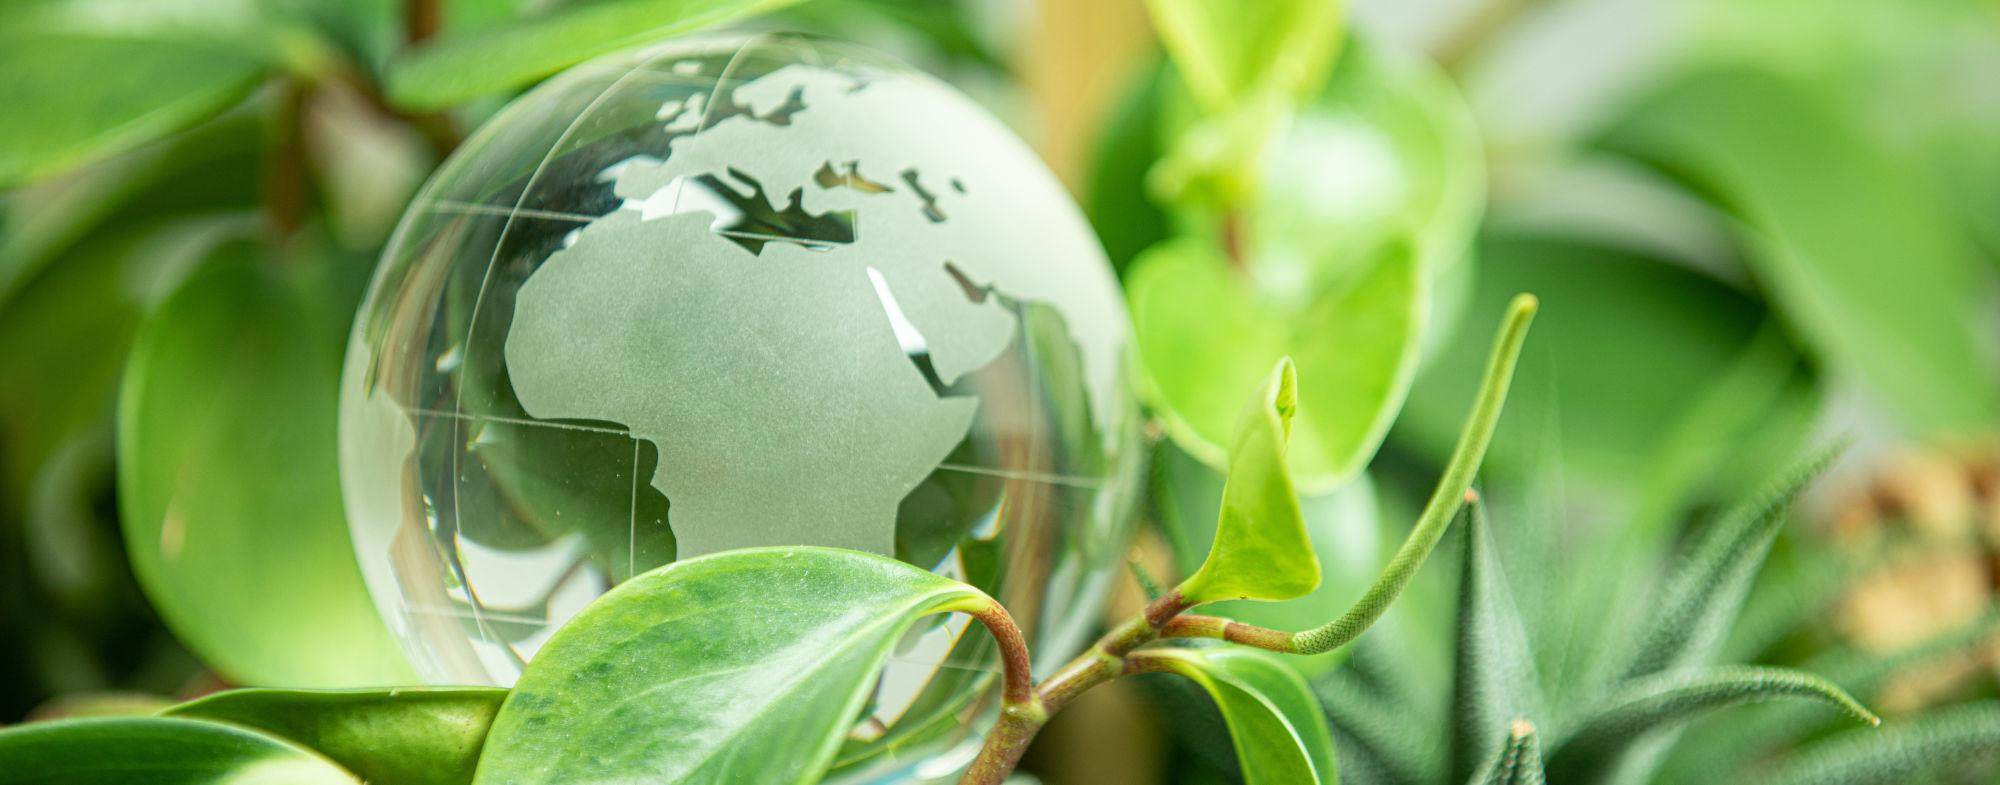 plantas y el planeta en forma de gota